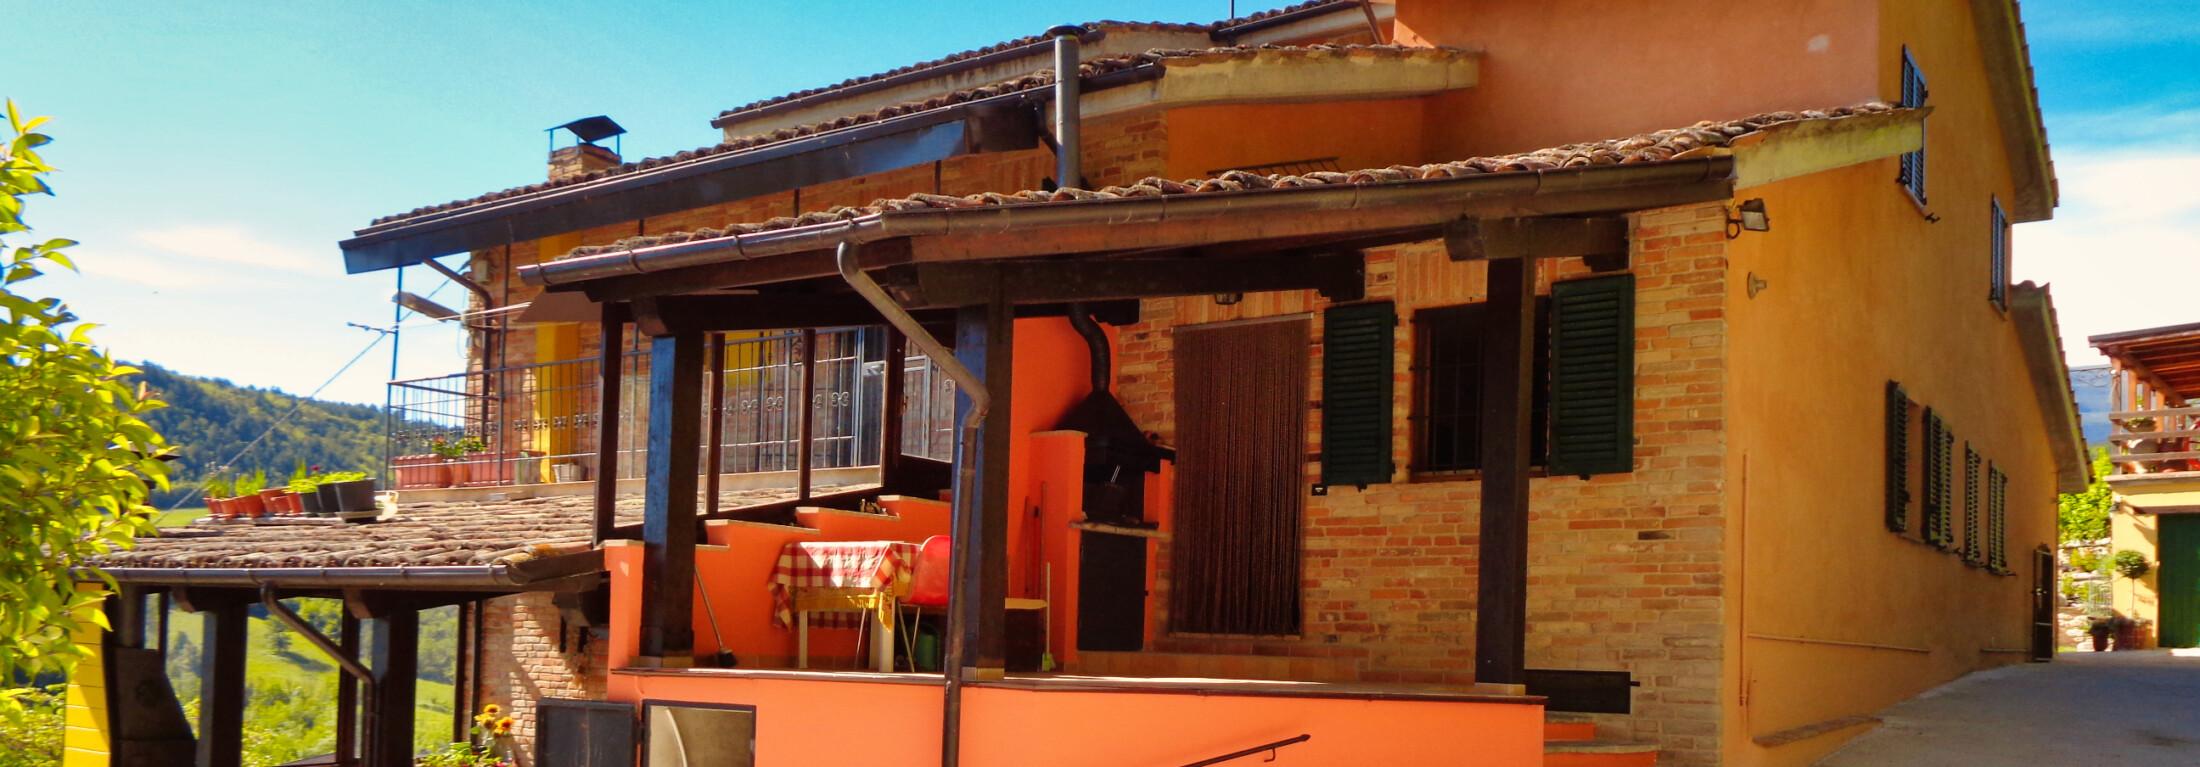 232 – Abitazione a Sarnano